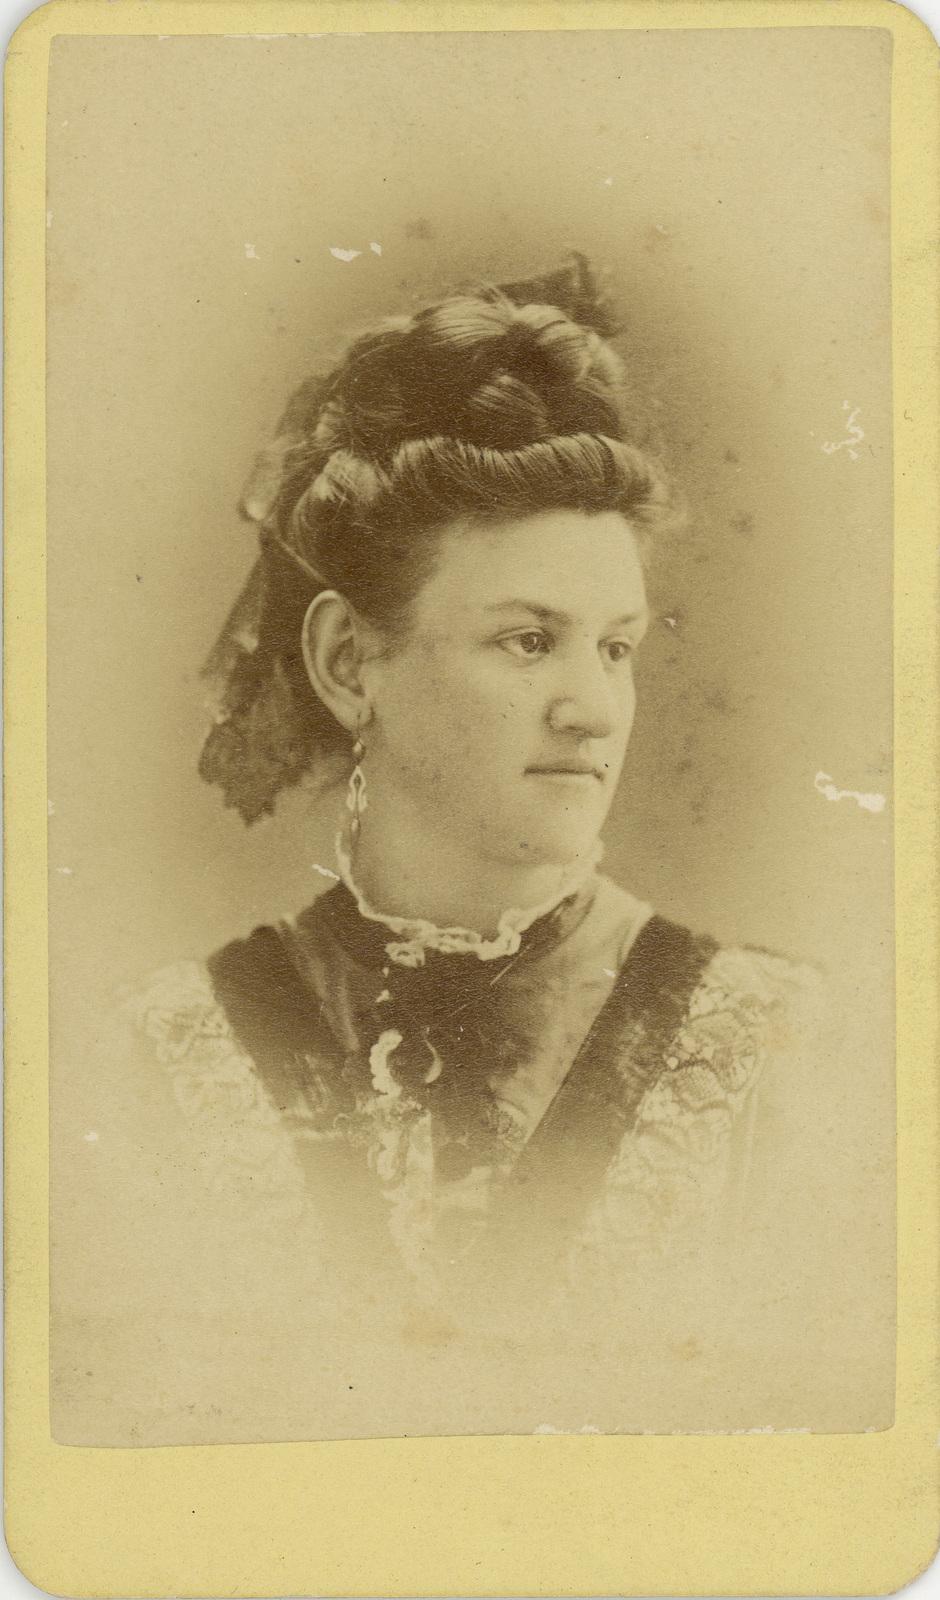 Portrait of Carolyn C. Ladd Hall